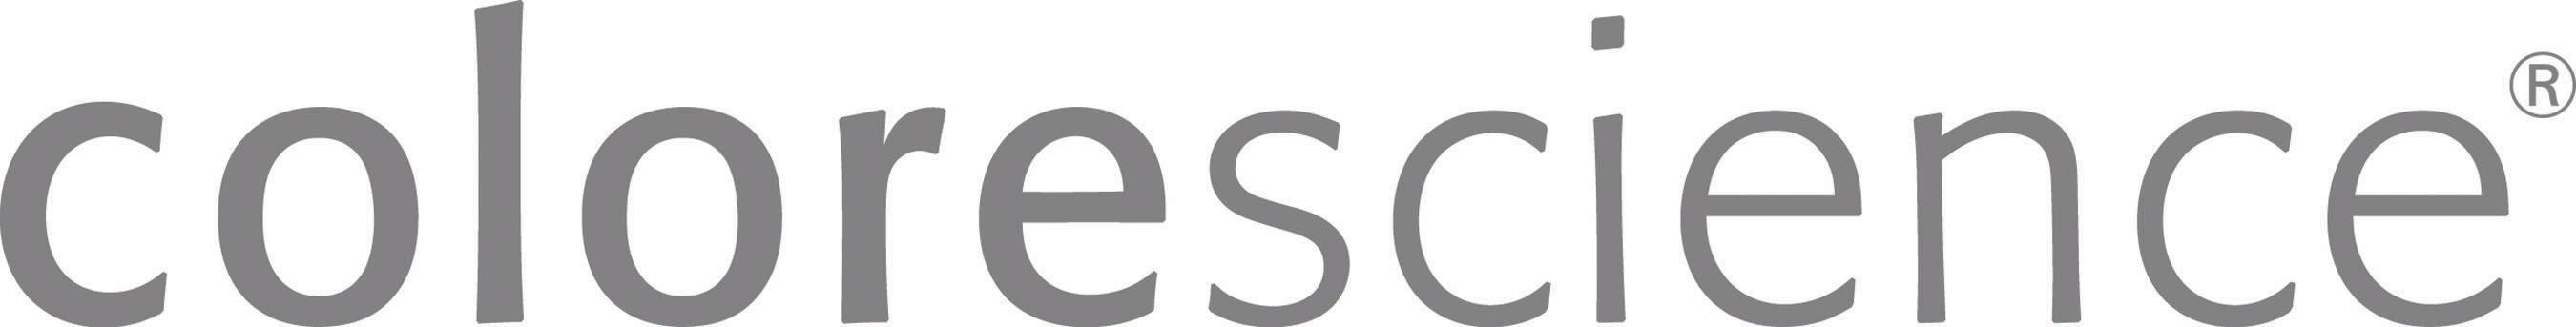 Colorescience logo.